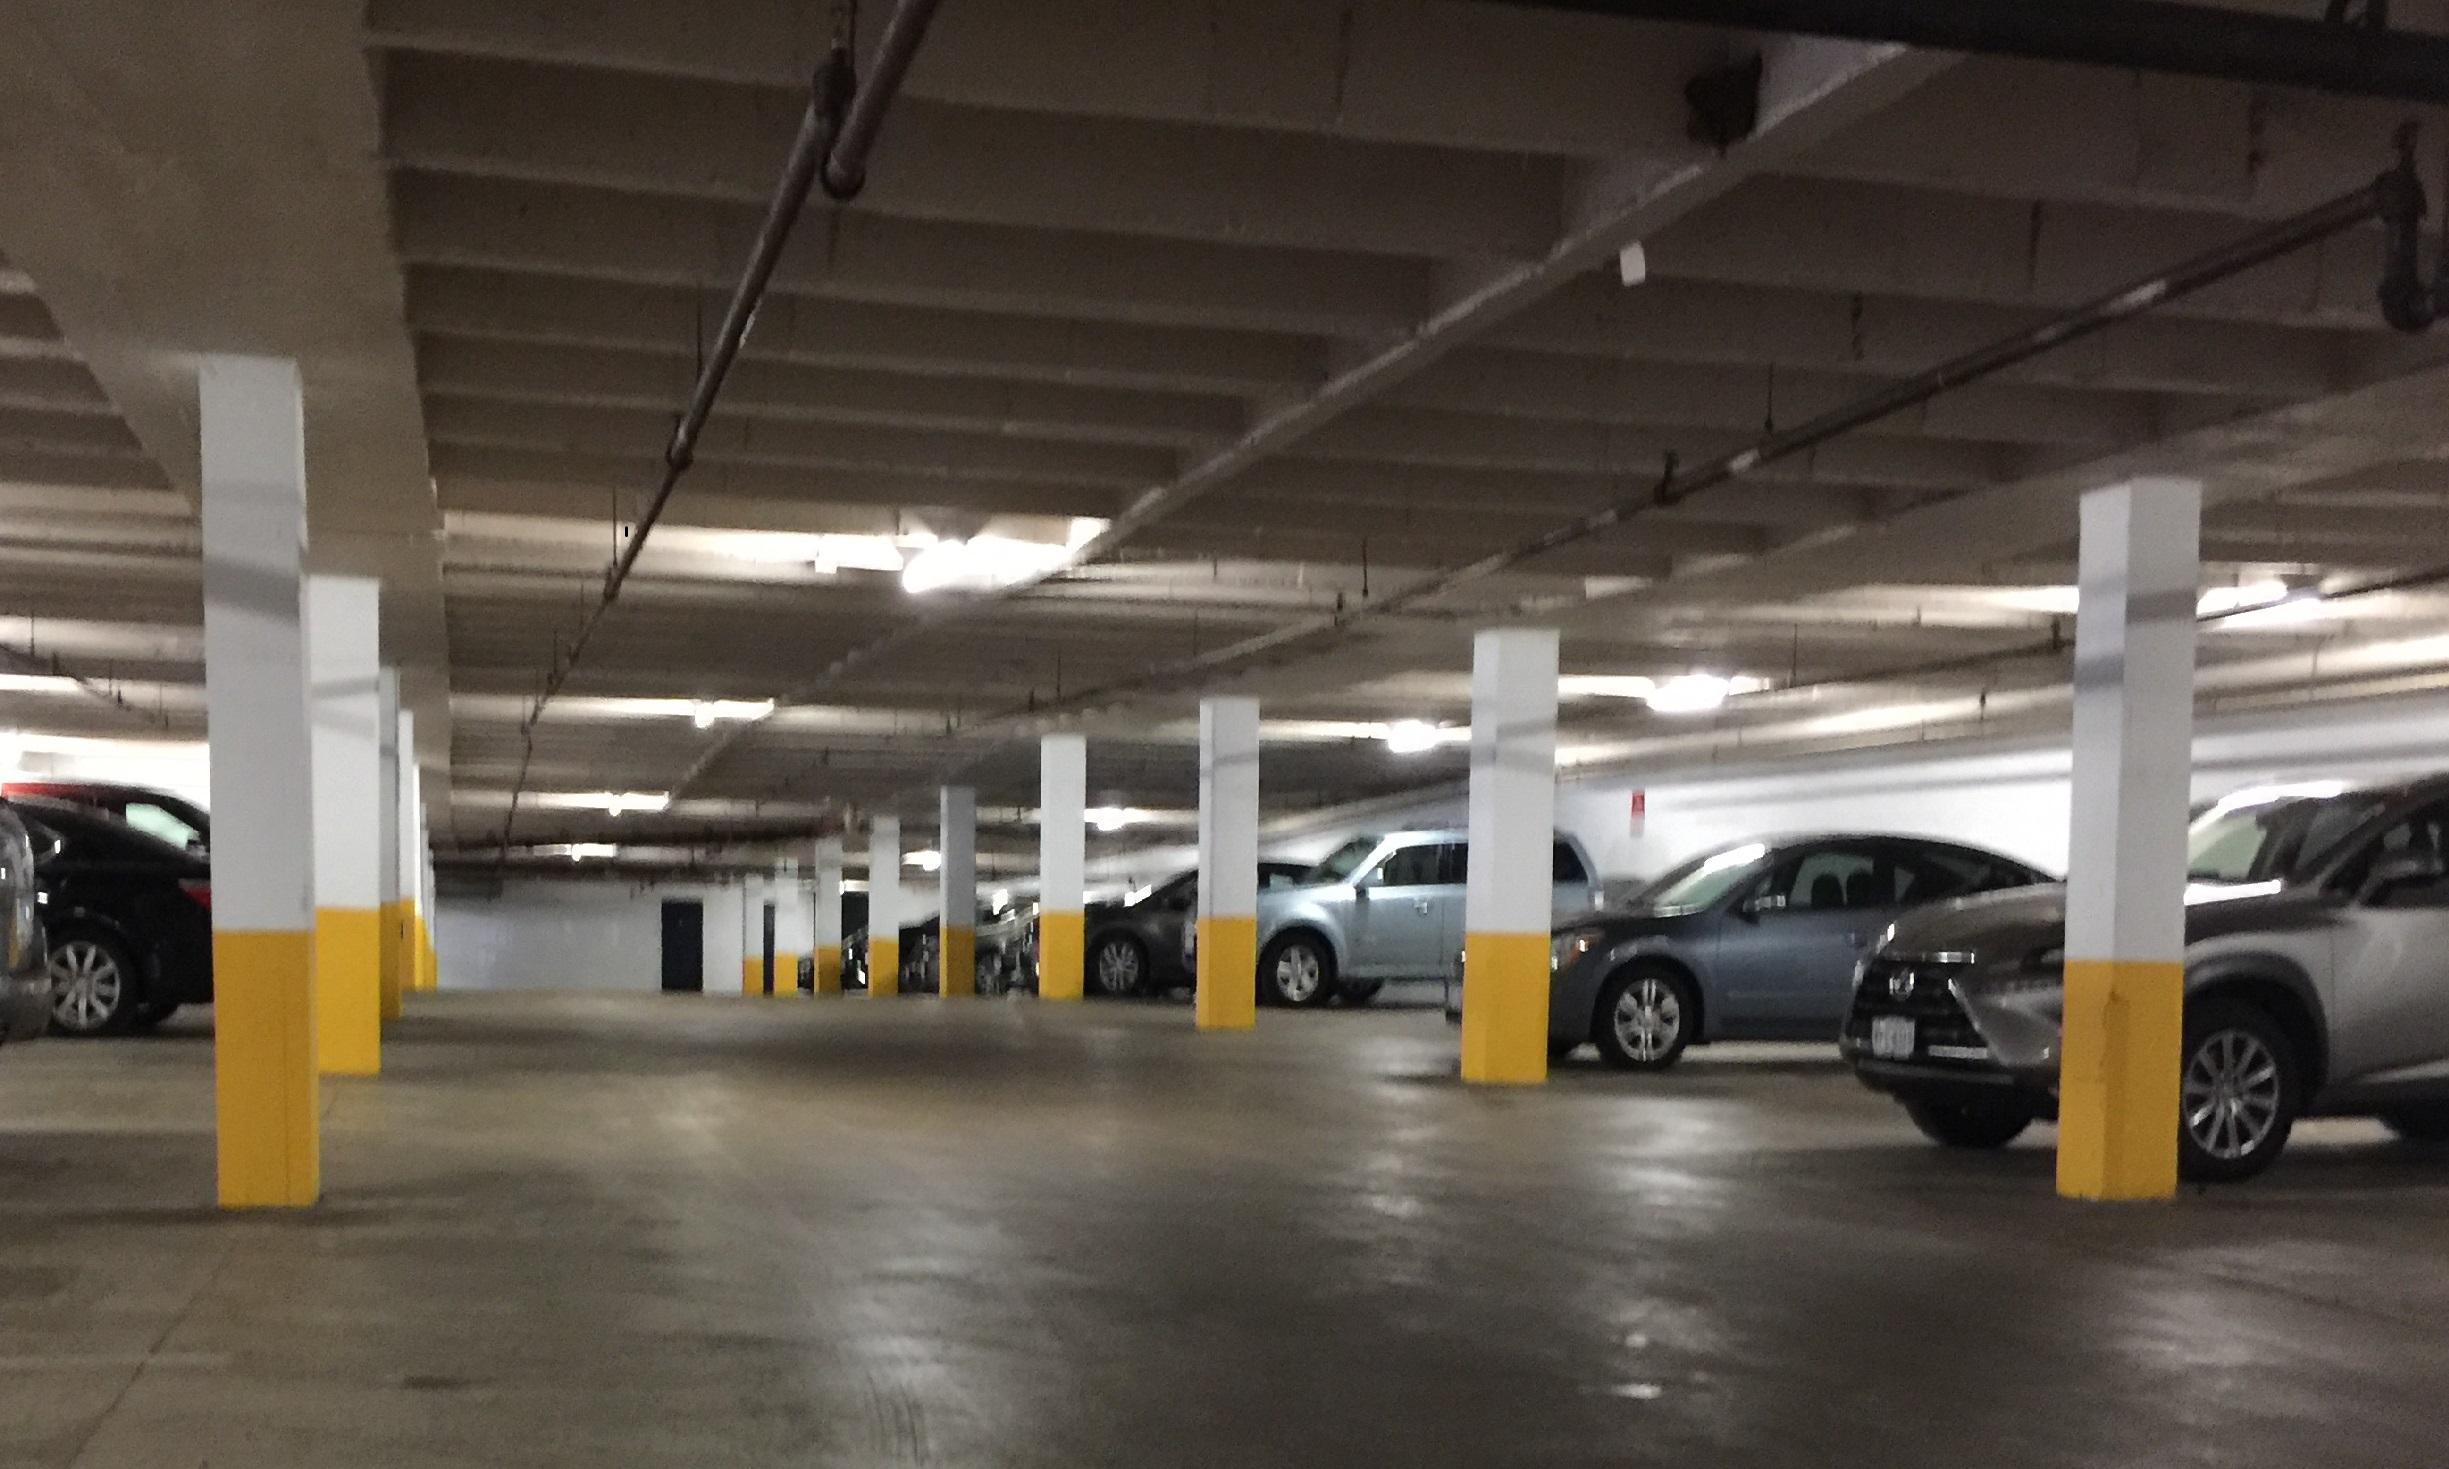 ParkingGarage2.jpg